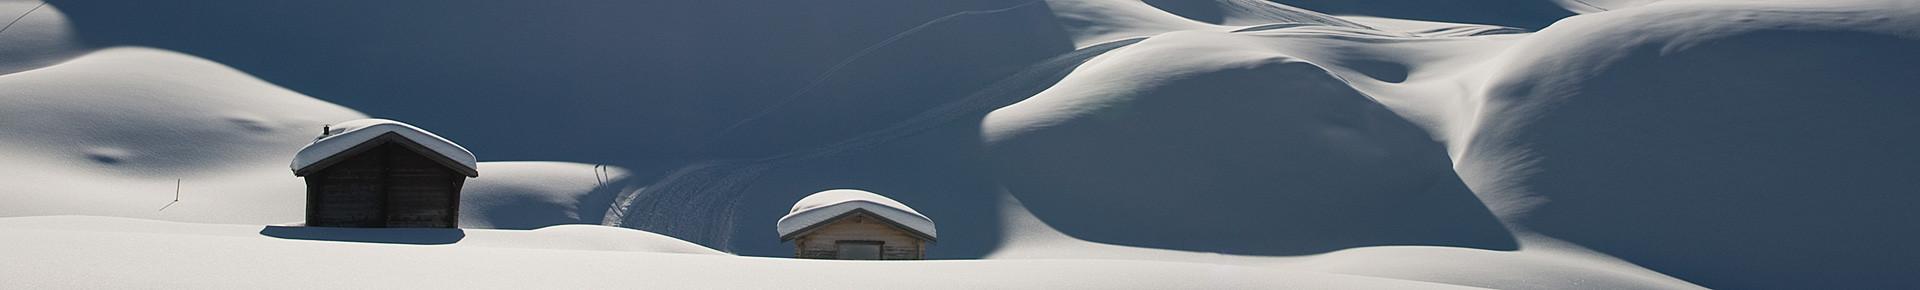 vacances au ski pas cher Enneigement